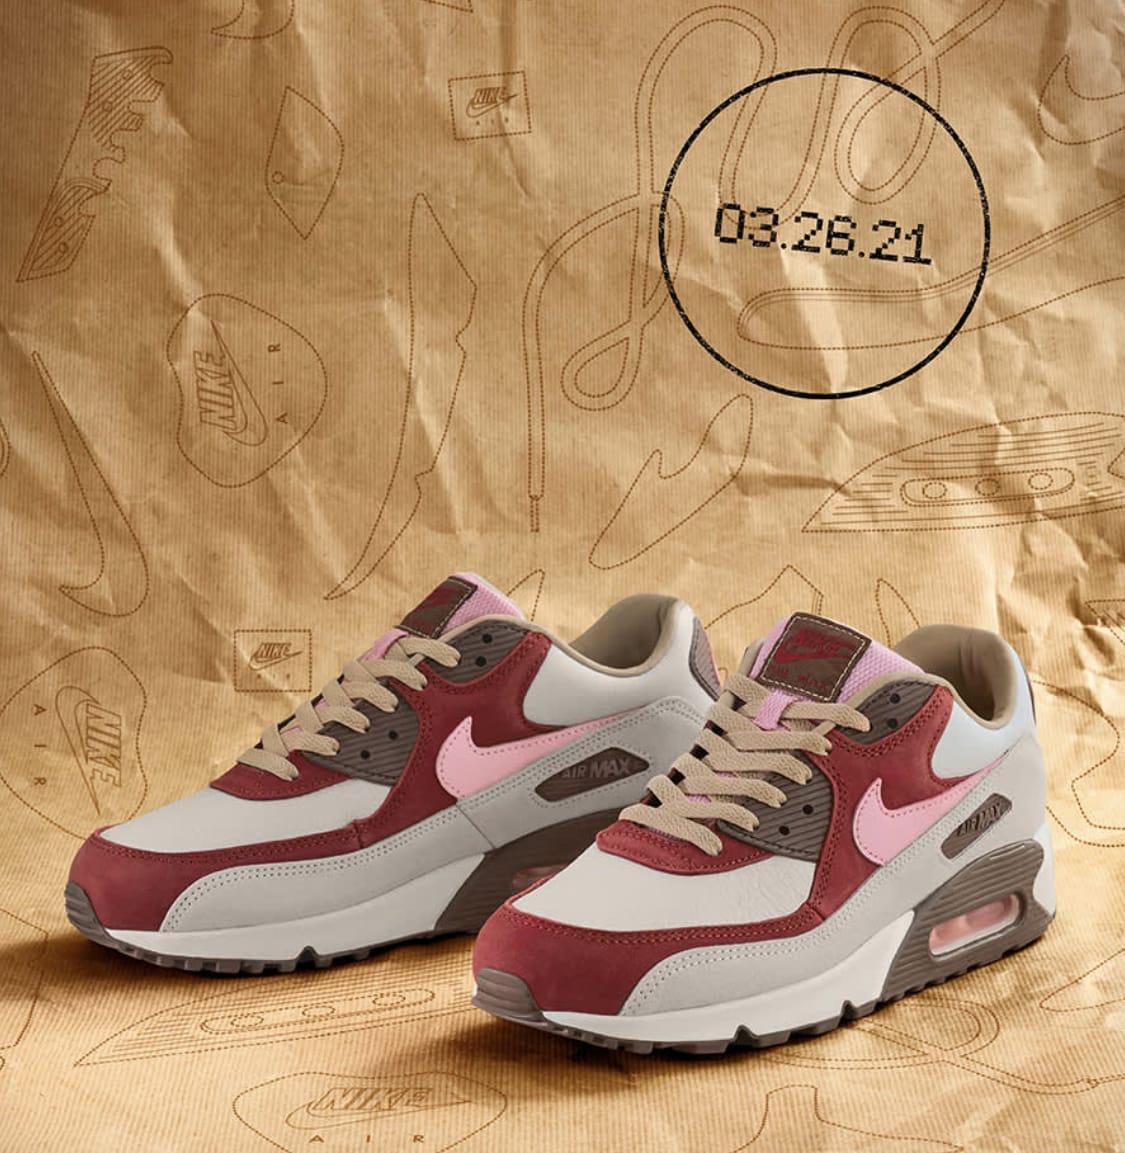 Nike Air Max 90 'Bacon' 2021 CU1816-100 Pair